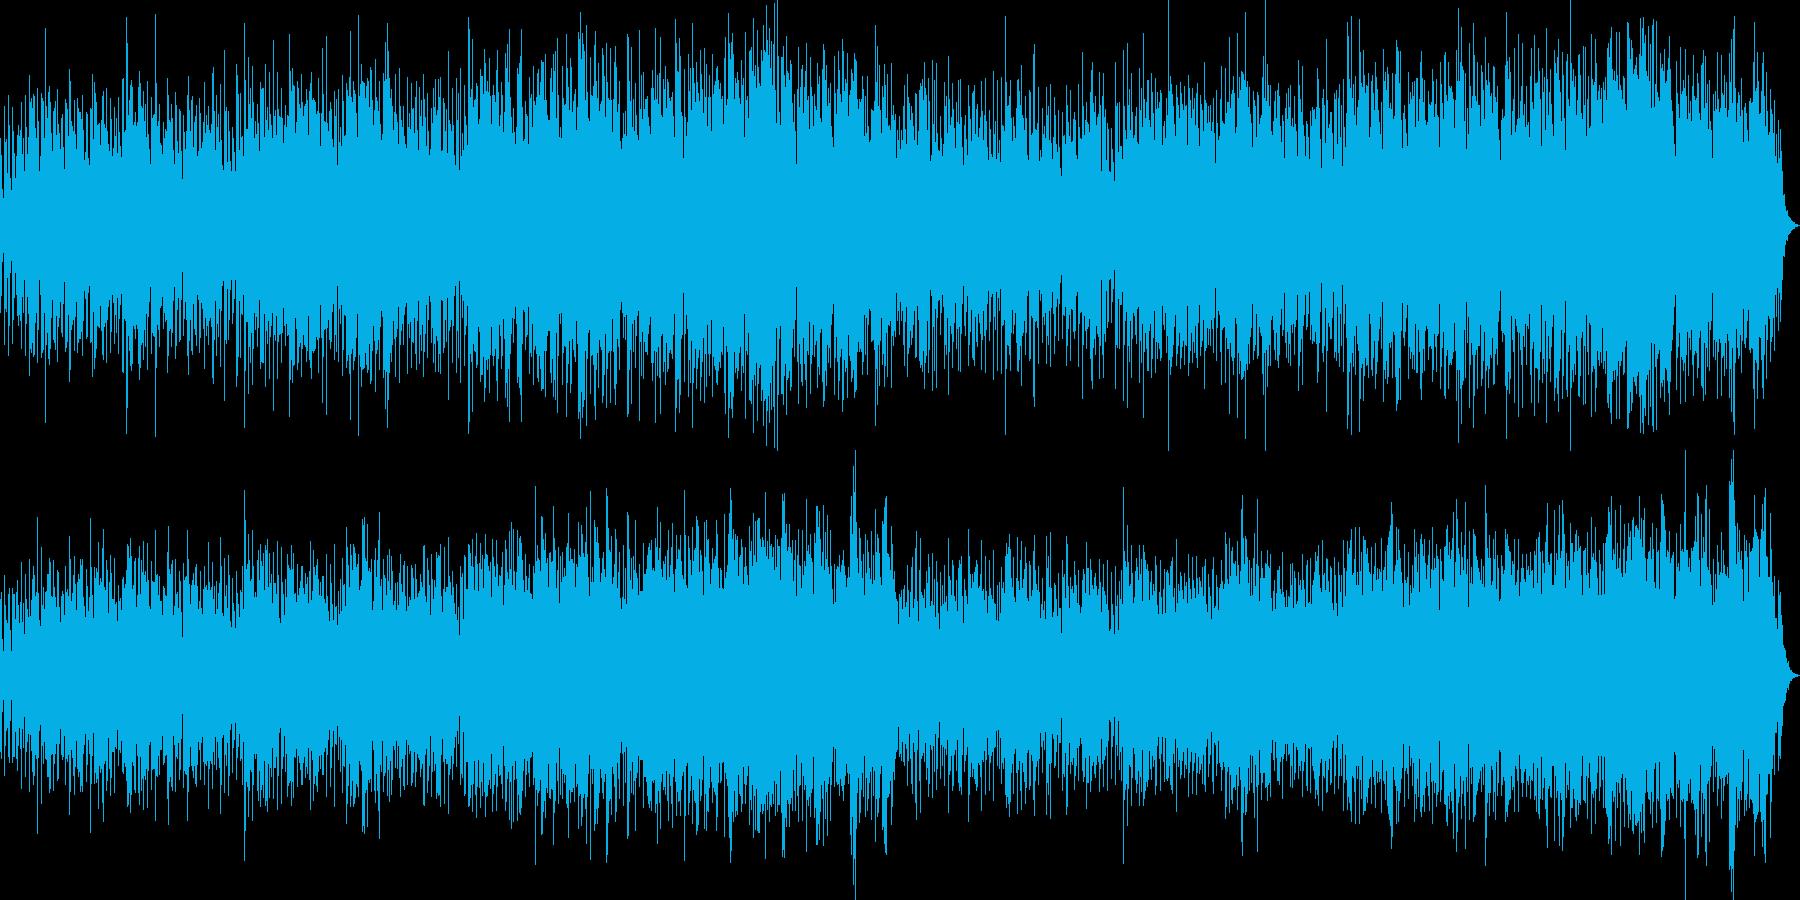 和風で癒されるボレロの再生済みの波形